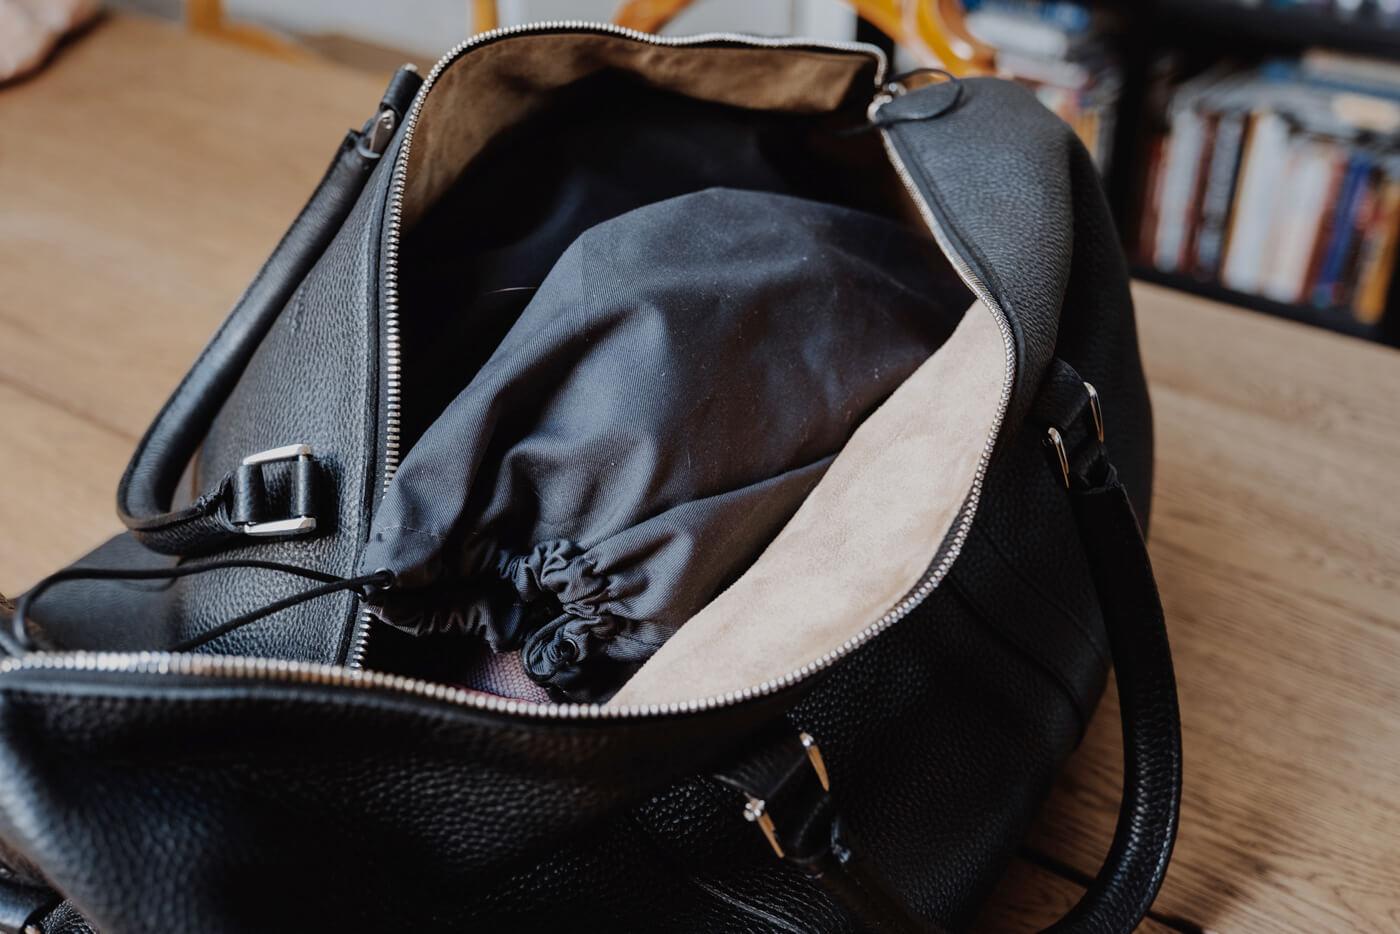 pokrowce na obuwie w torbie w samolocie